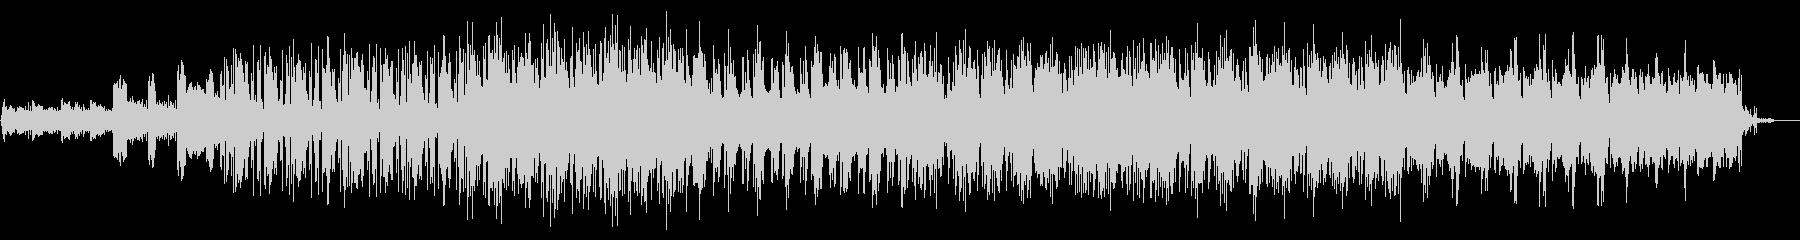 クールな雰囲気のエレクトロニック音楽の未再生の波形